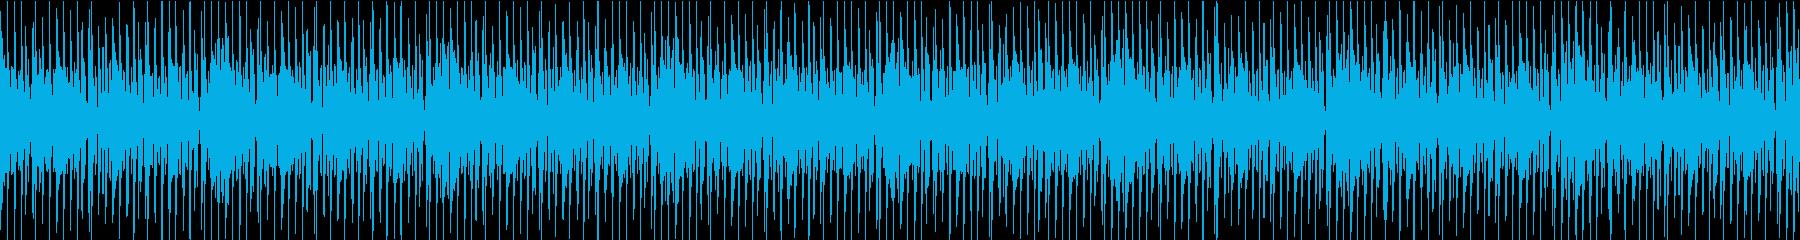 ロックでワイルドなリズムの再生済みの波形